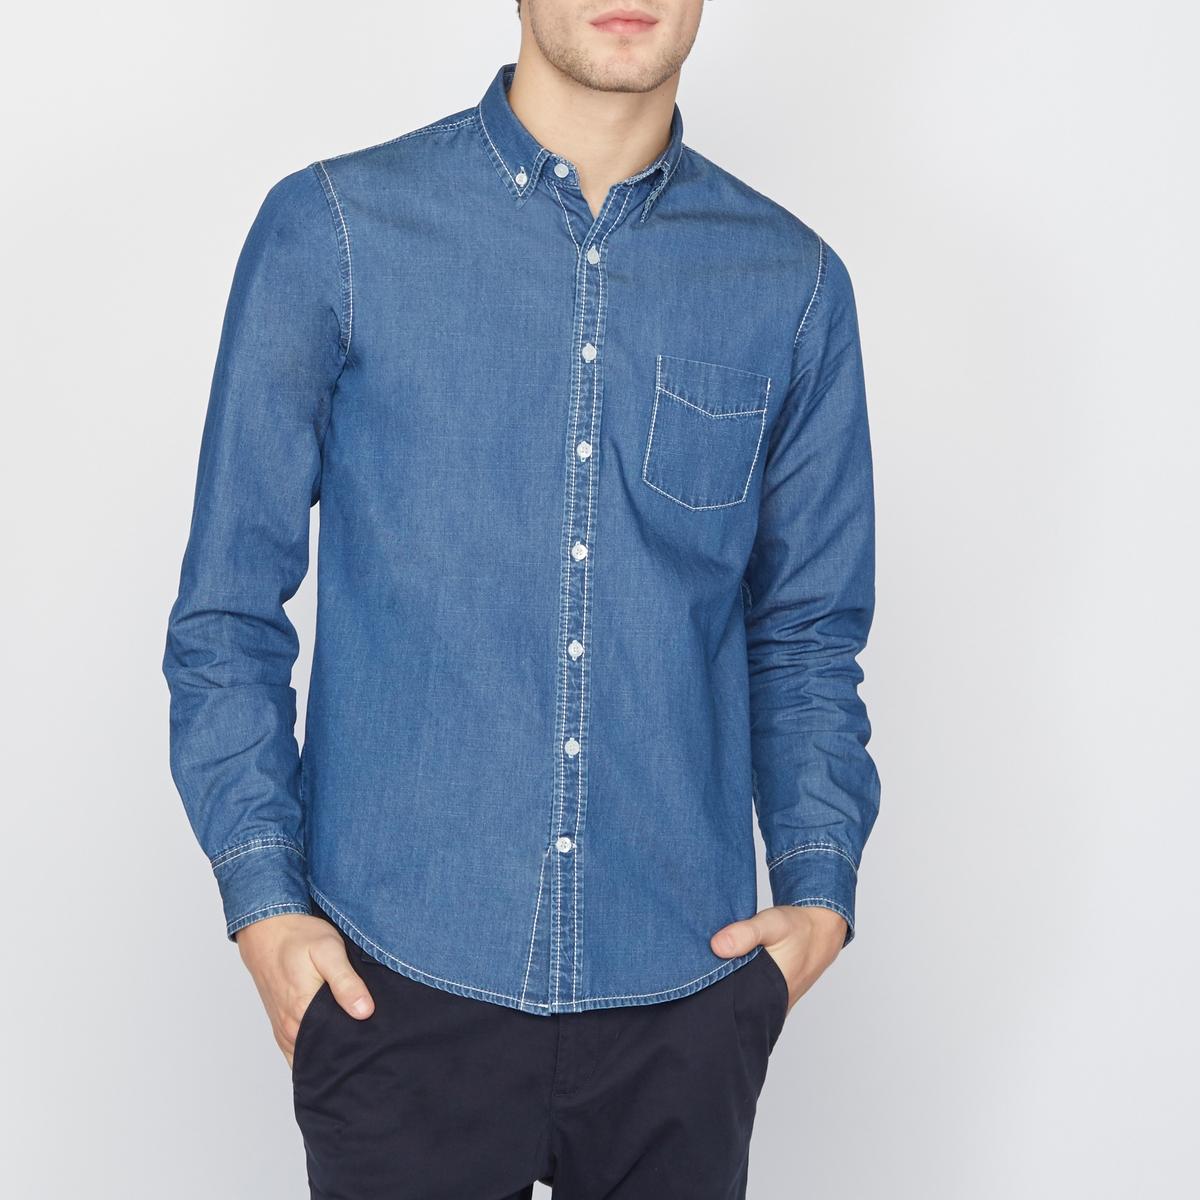 РубашкаРубашка в стиле кэжуал из денима, классического (прямого) покроя, с 5 карманами и воротником со свободными уголками. Нагрудный карман . Планка застежки на пуговицы .Рубашка из денима, 100% хлопка.<br><br>Цвет: синий потертый<br>Размер: 37/38